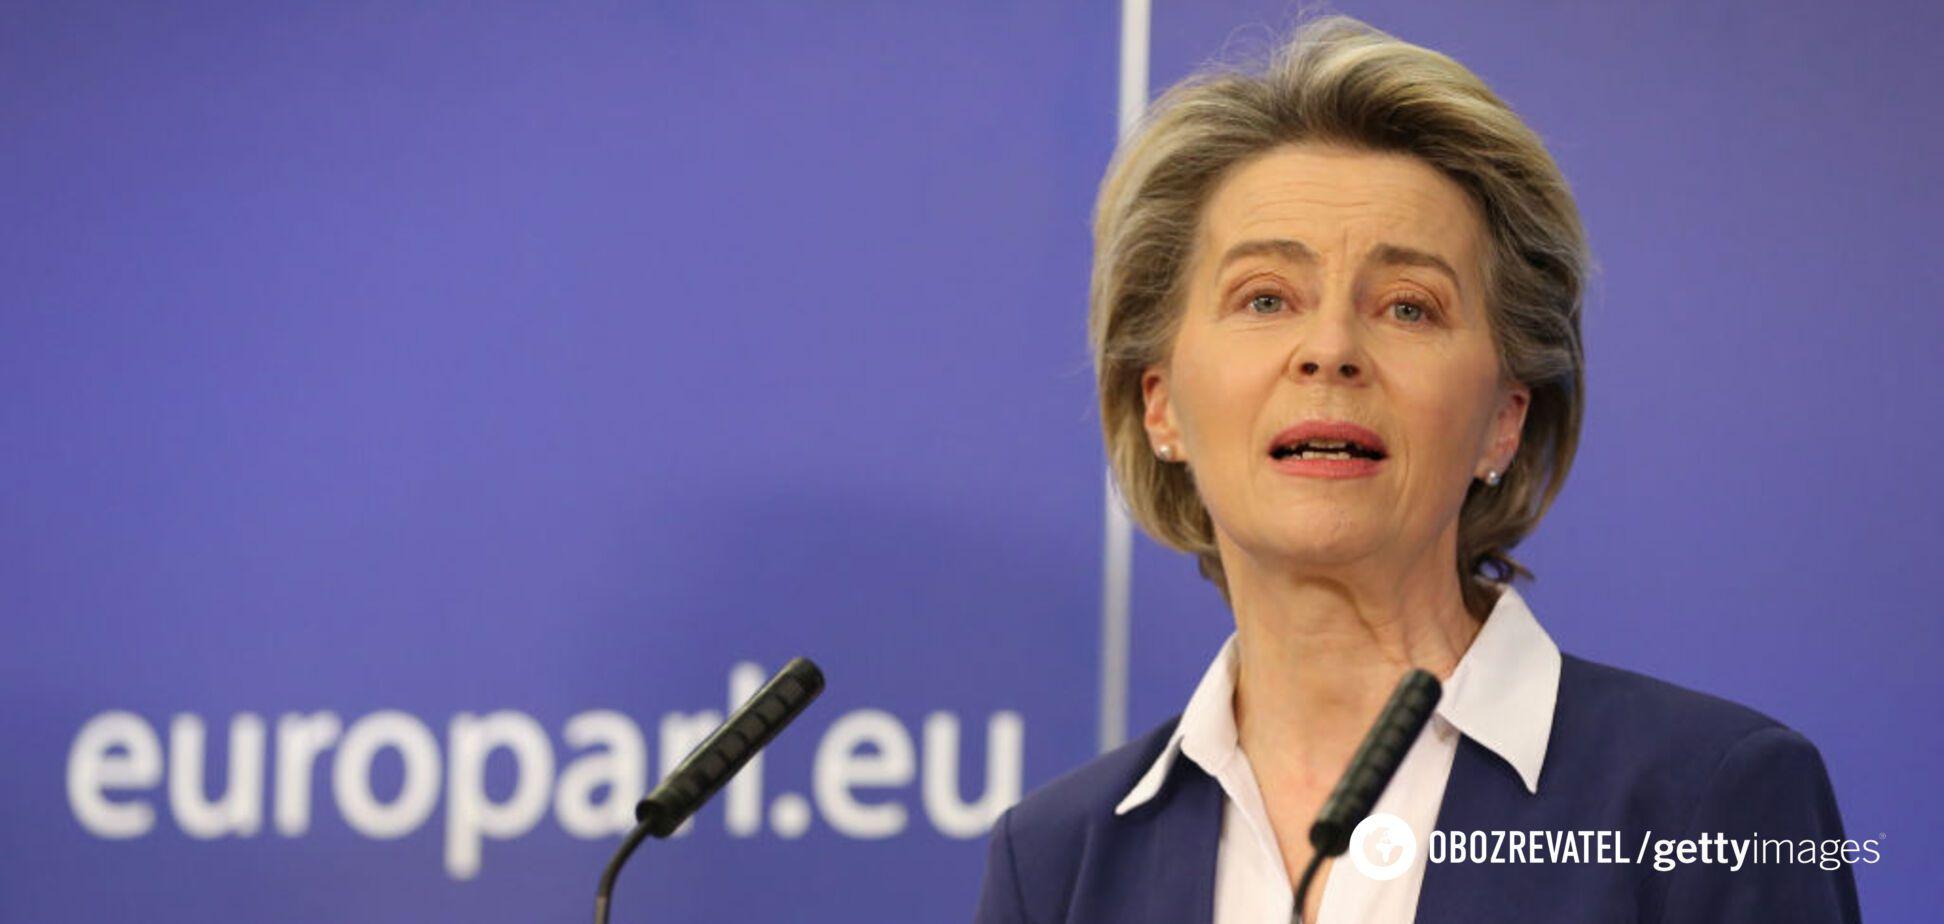 Президентка Єврокомісії Урсула фон дер Ляєн